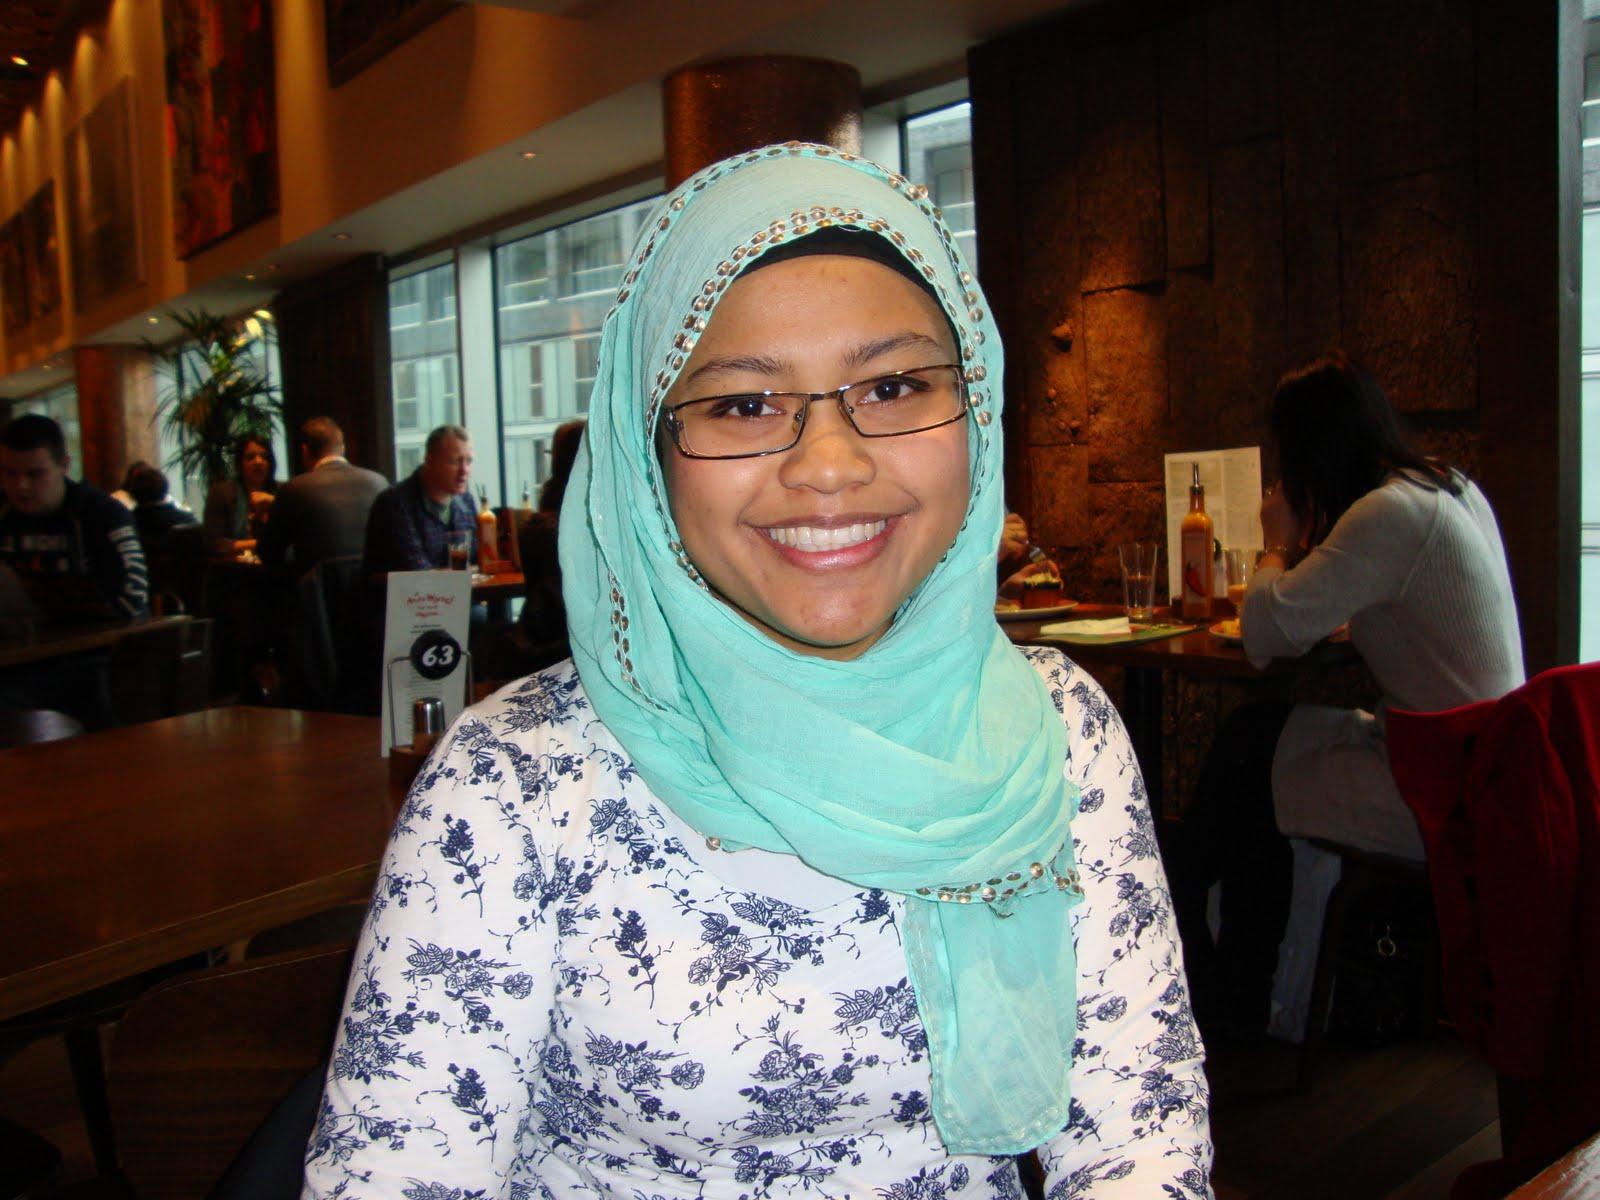 Cipap Ustazah Nurul http://genuardis.net/burit/burit-sedap-ustazah